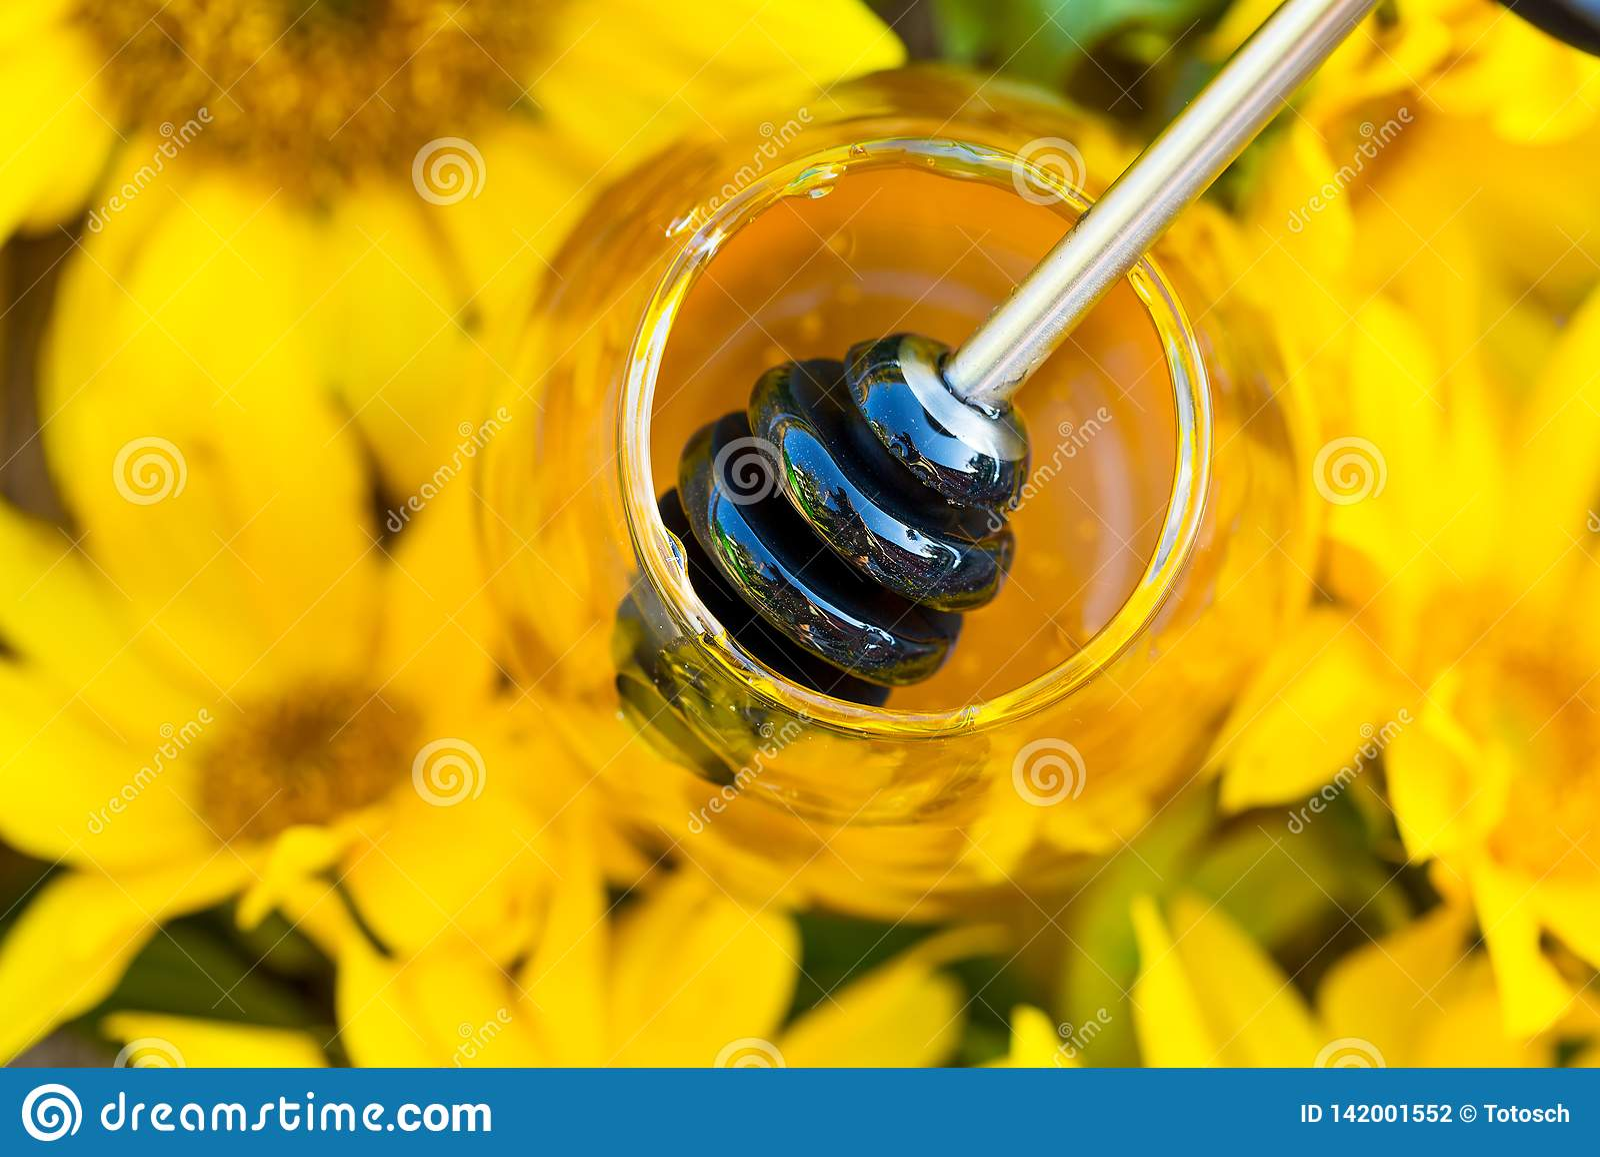 Κινηματογράφηση σε πρώτο πλάνο του συνόλου βάζων με το μέλι και το μέλι-κουτάλι στη μέση των ηλίανθων